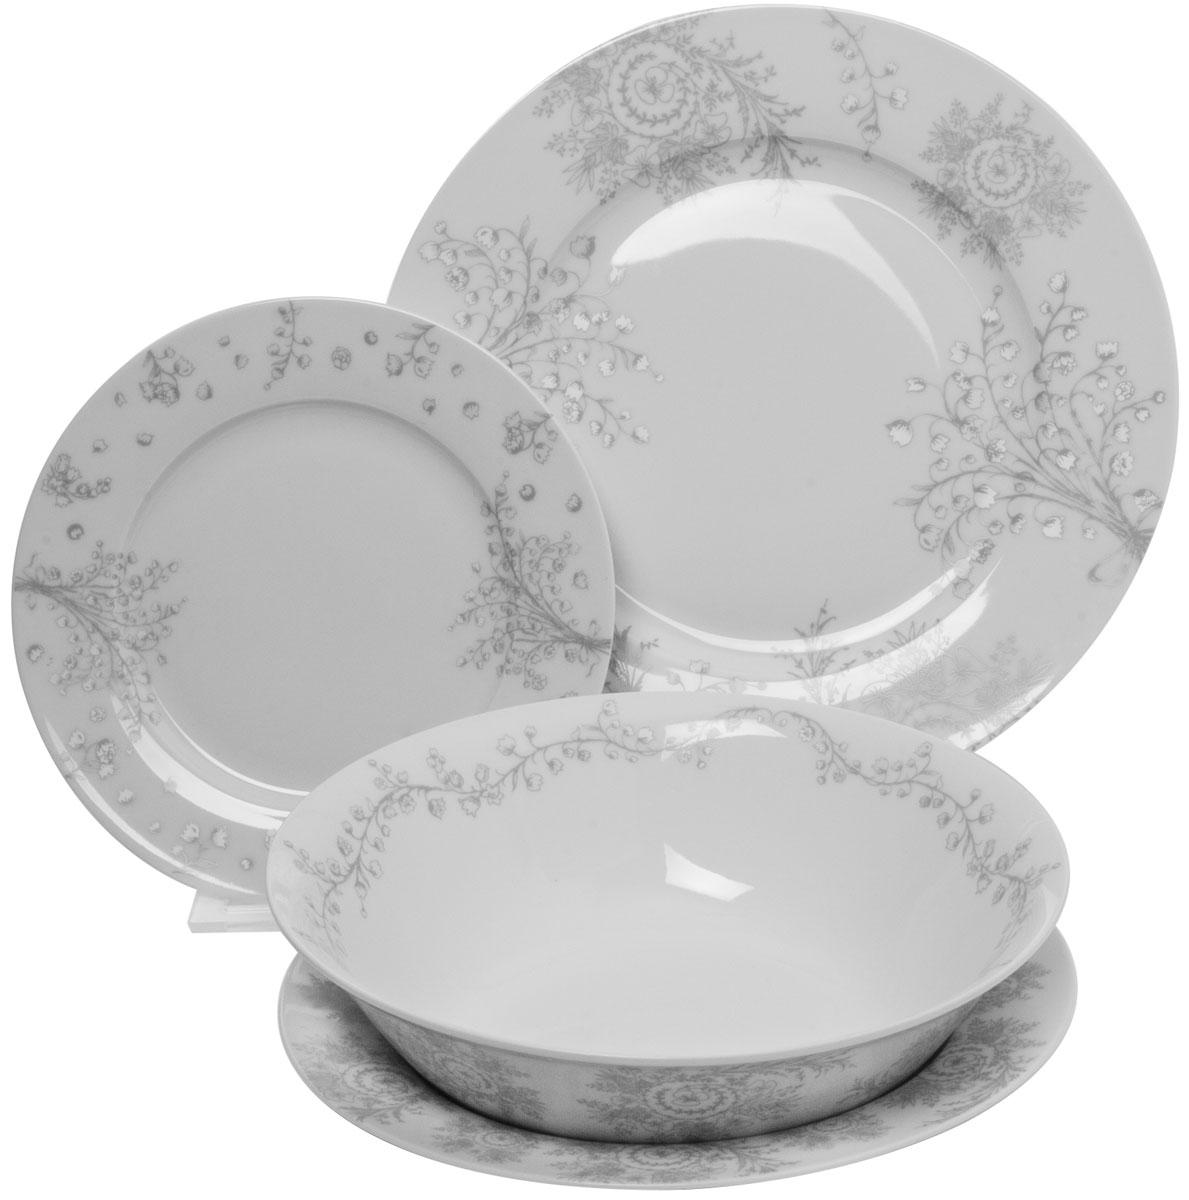 Столовый набор состоит из 6 суповых тарелок, 6 обеденных тарелок, 6 десертных тарелок и салатника. Изделия выполнены из фарфора и дополнены орнаментом. Посуда отличается прочностью, гигиеничностью и долгим сроком службы. Такой набор прекрасно подойдет как для повседневного использования, так и для праздников или особенных случаев.